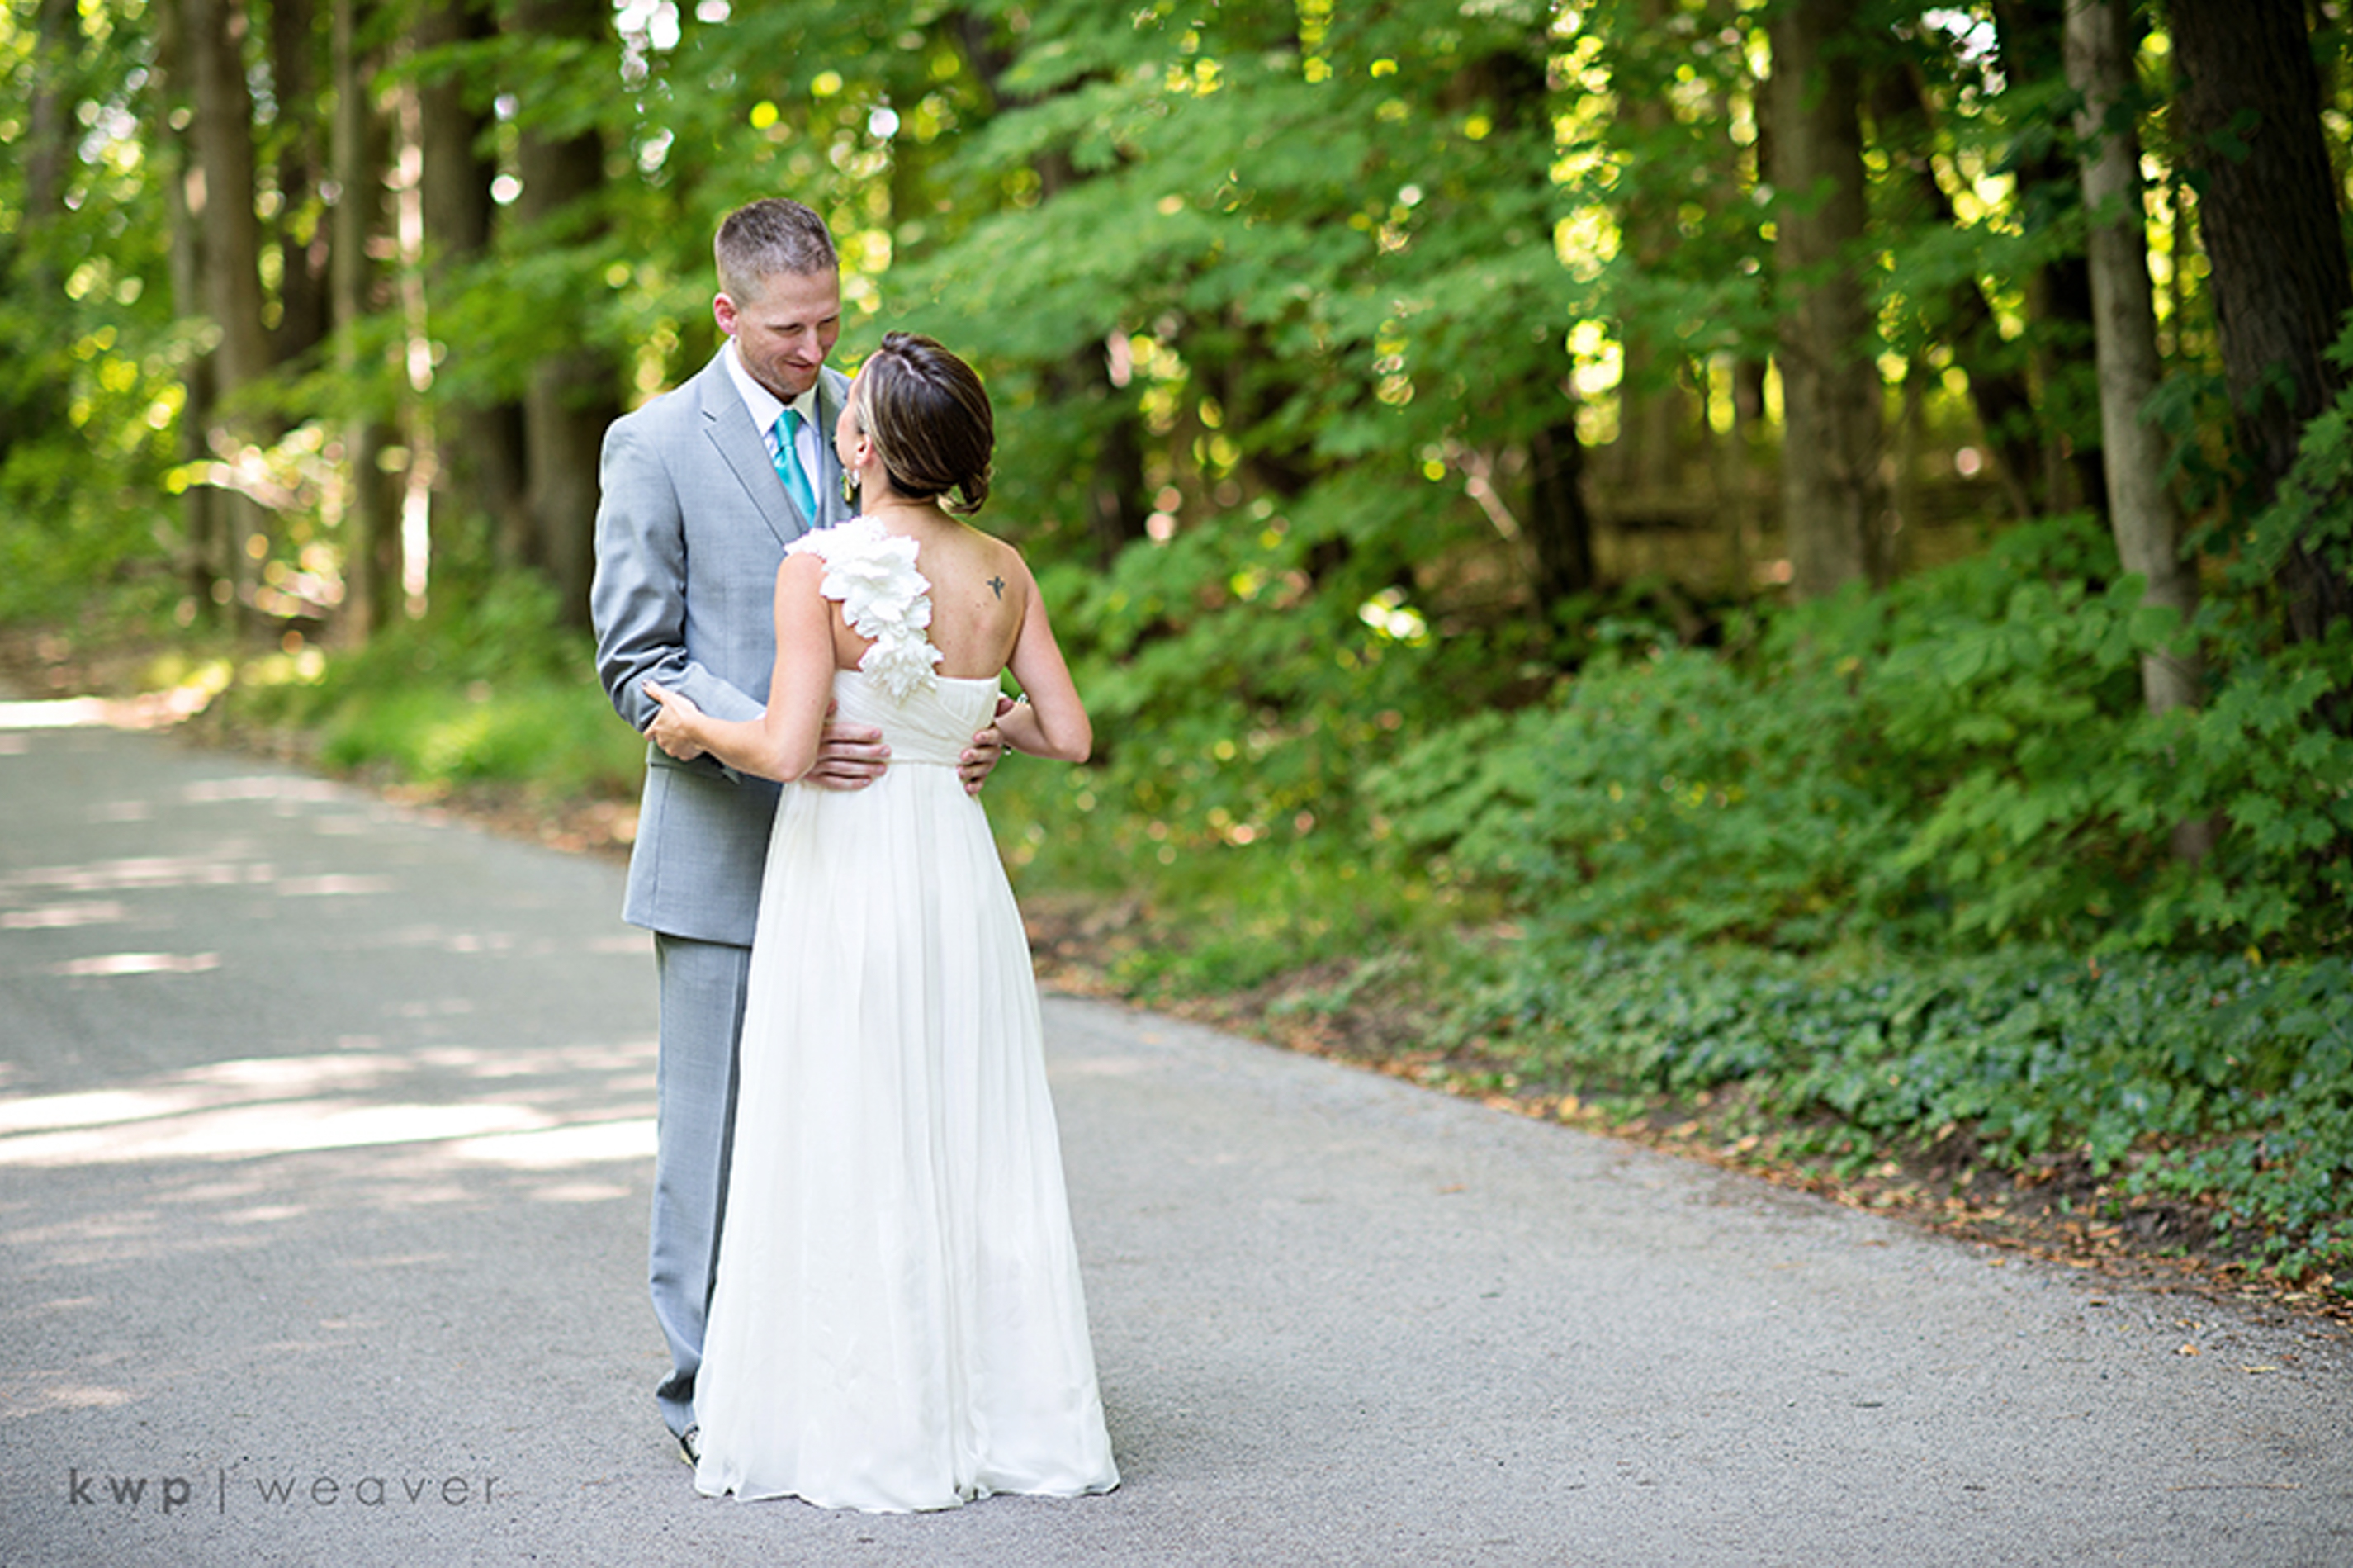 outside wedding portraits